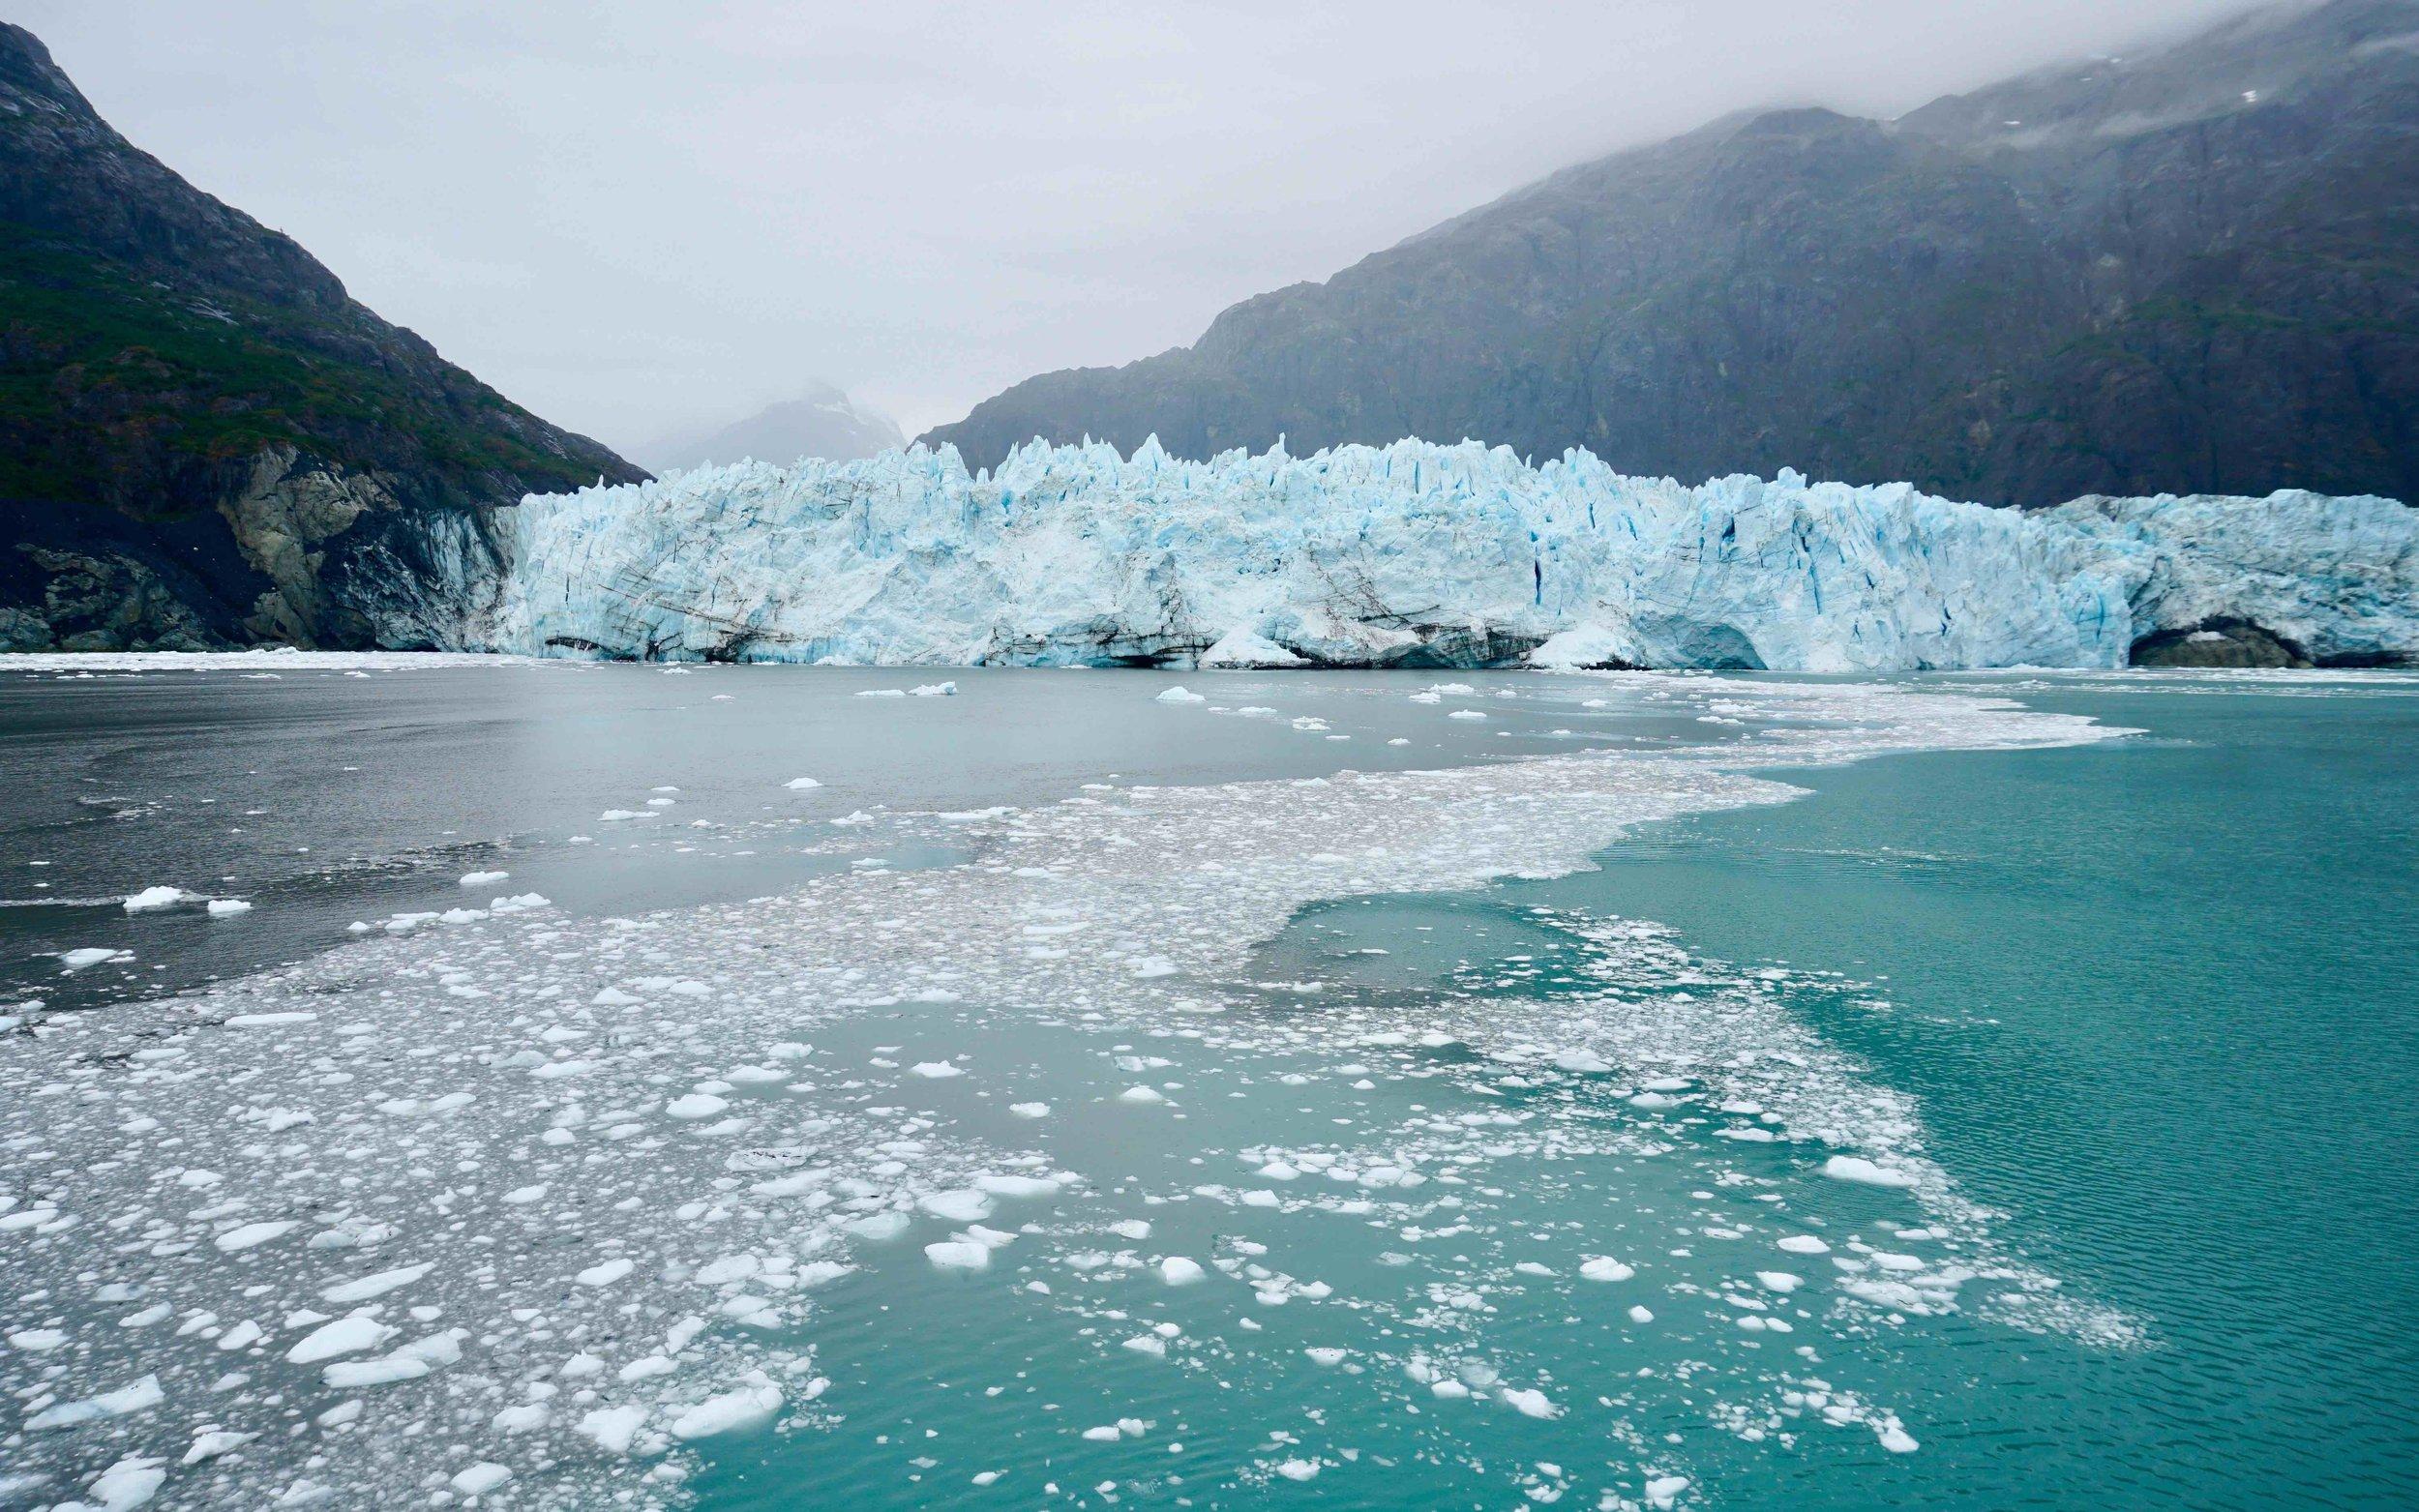 DAY 2: Glacier Bay National Park